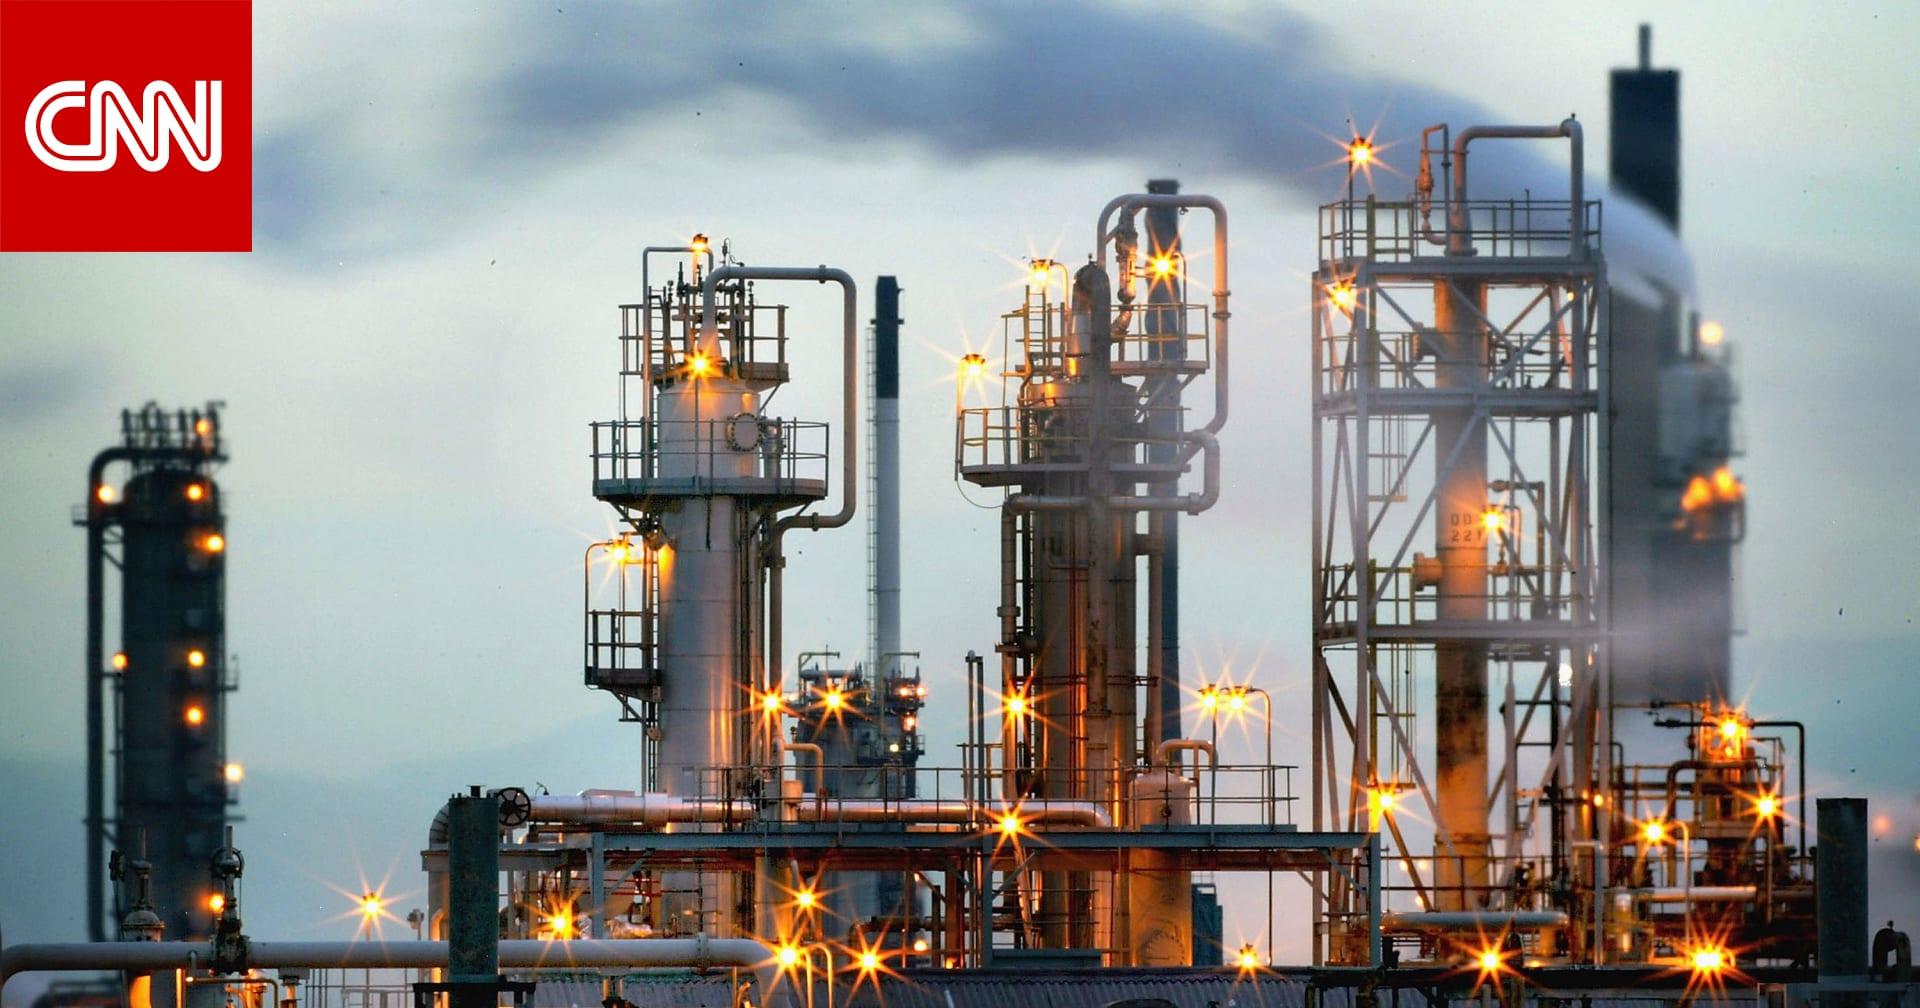 بين سينوبك الصينية وأرامكو السعودية.. هذه أكبر شركات النفط المملوكة للدولة في العالم